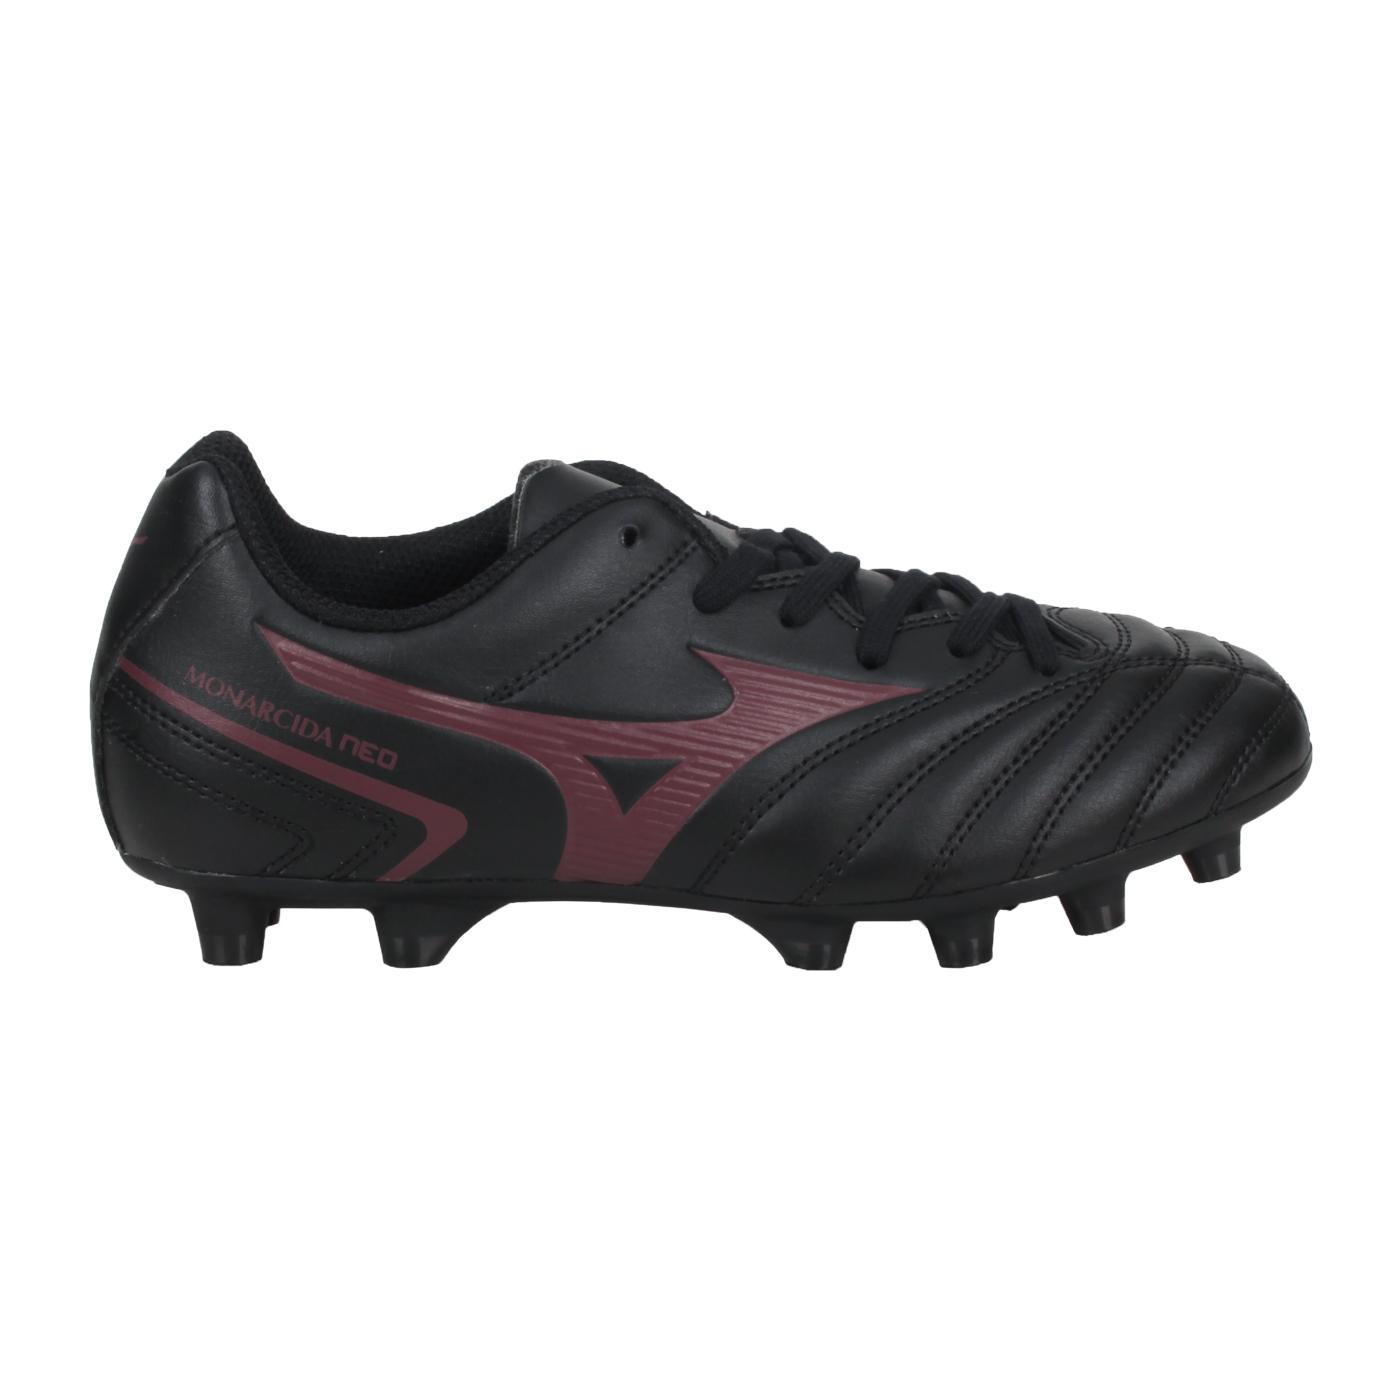 MIZUNO 兒童足球鞋-WIDE  @MONARCIDA NEO II SELECT Jr@P1GB210500 - 黑暗紅